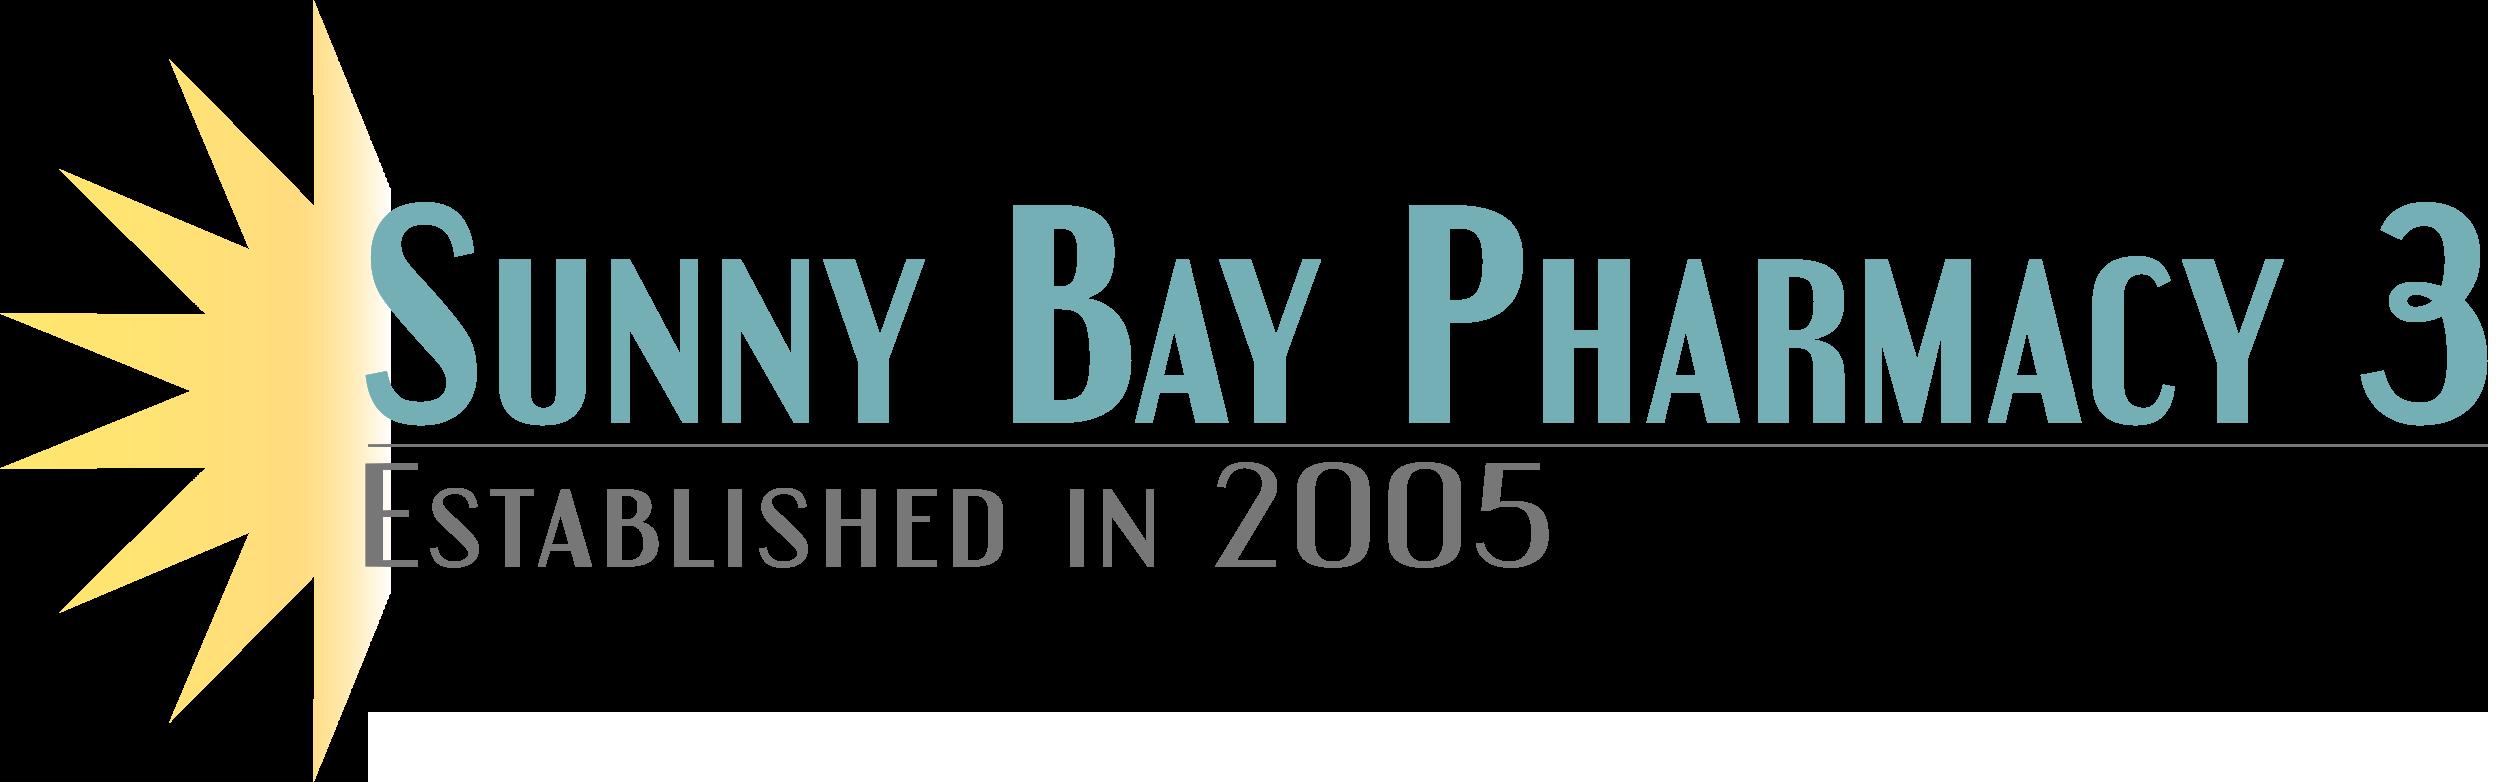 Sunny Bay Pharmacy #3